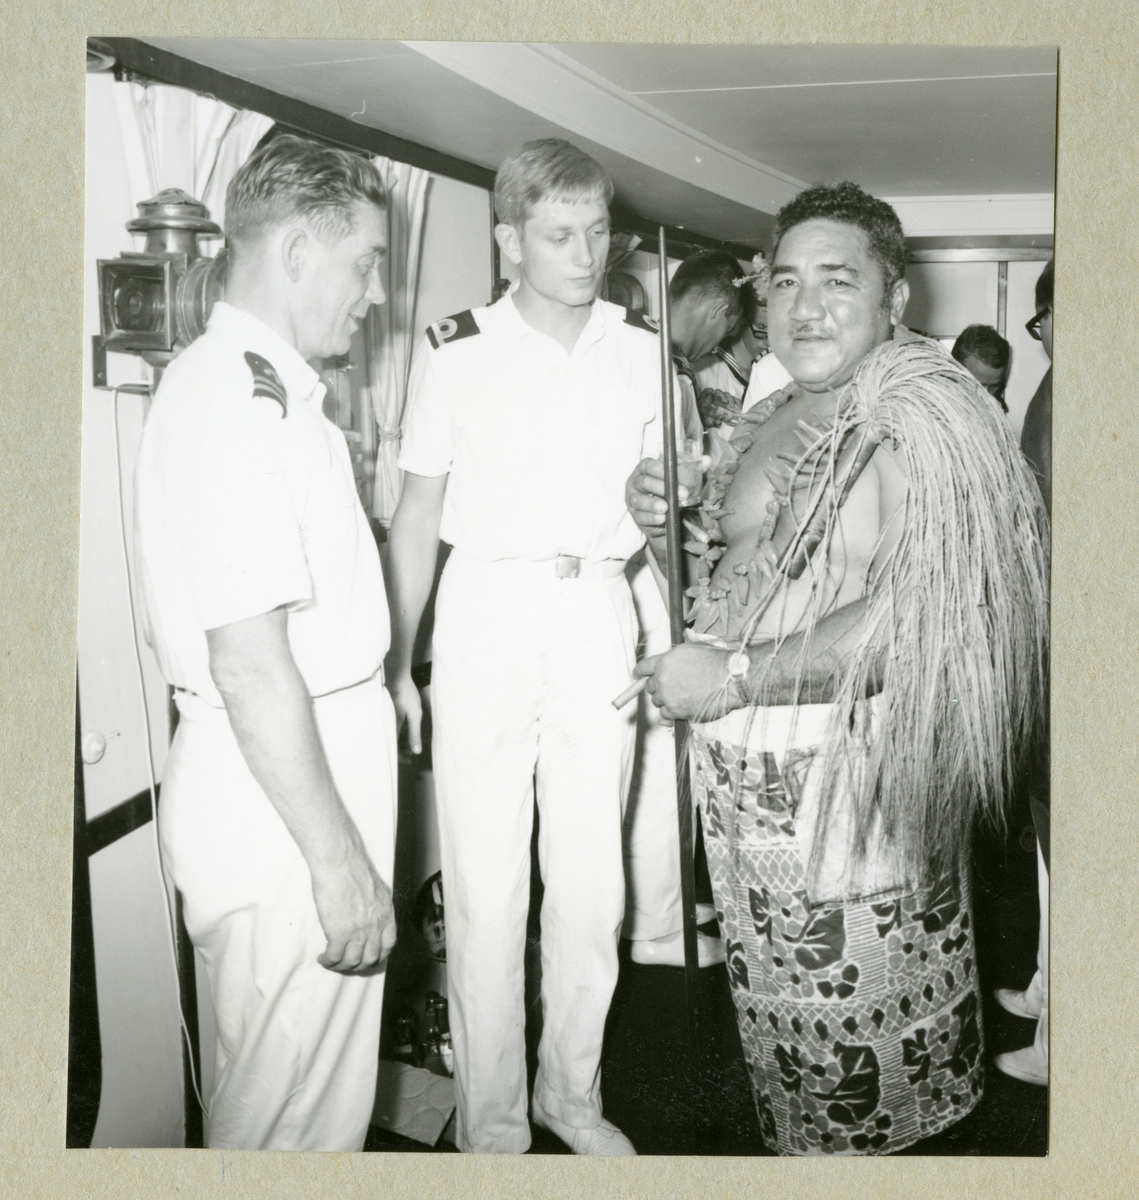 Bilden föreställer två besättningsmän i vita uniformer som står tillsammans med en man i lokala kläder. Bilden är tagen i Pago-Pago under minfartyget Älvsnabbens långresa 1966-1967.